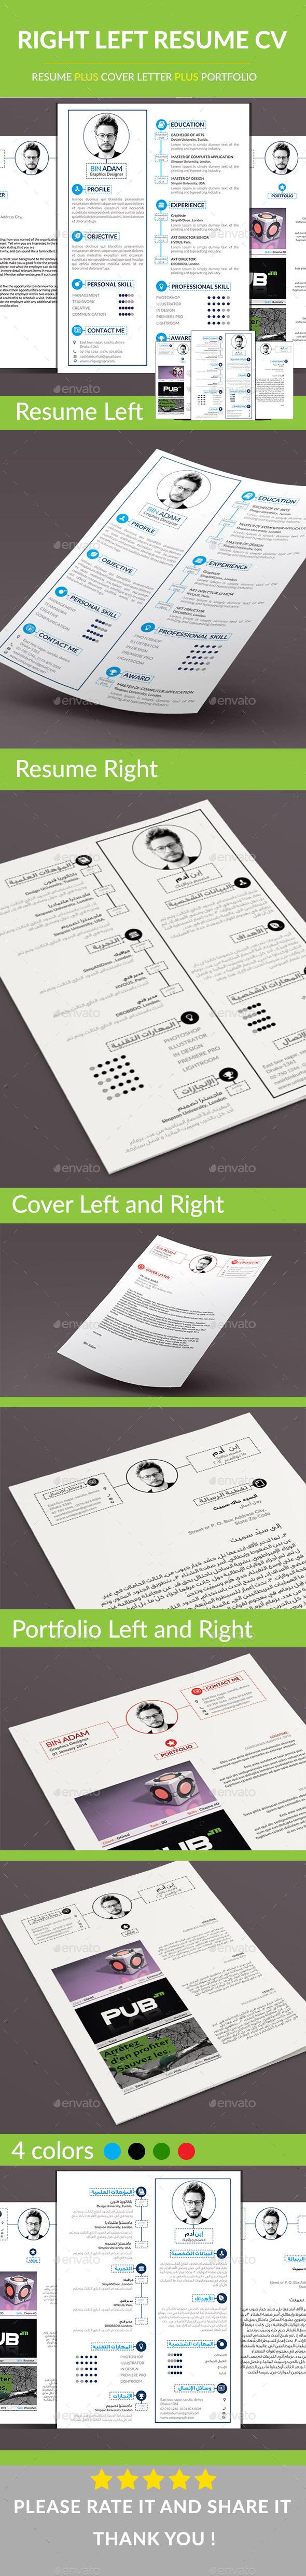 GraphicRiver Right Left CV Resume 9331183